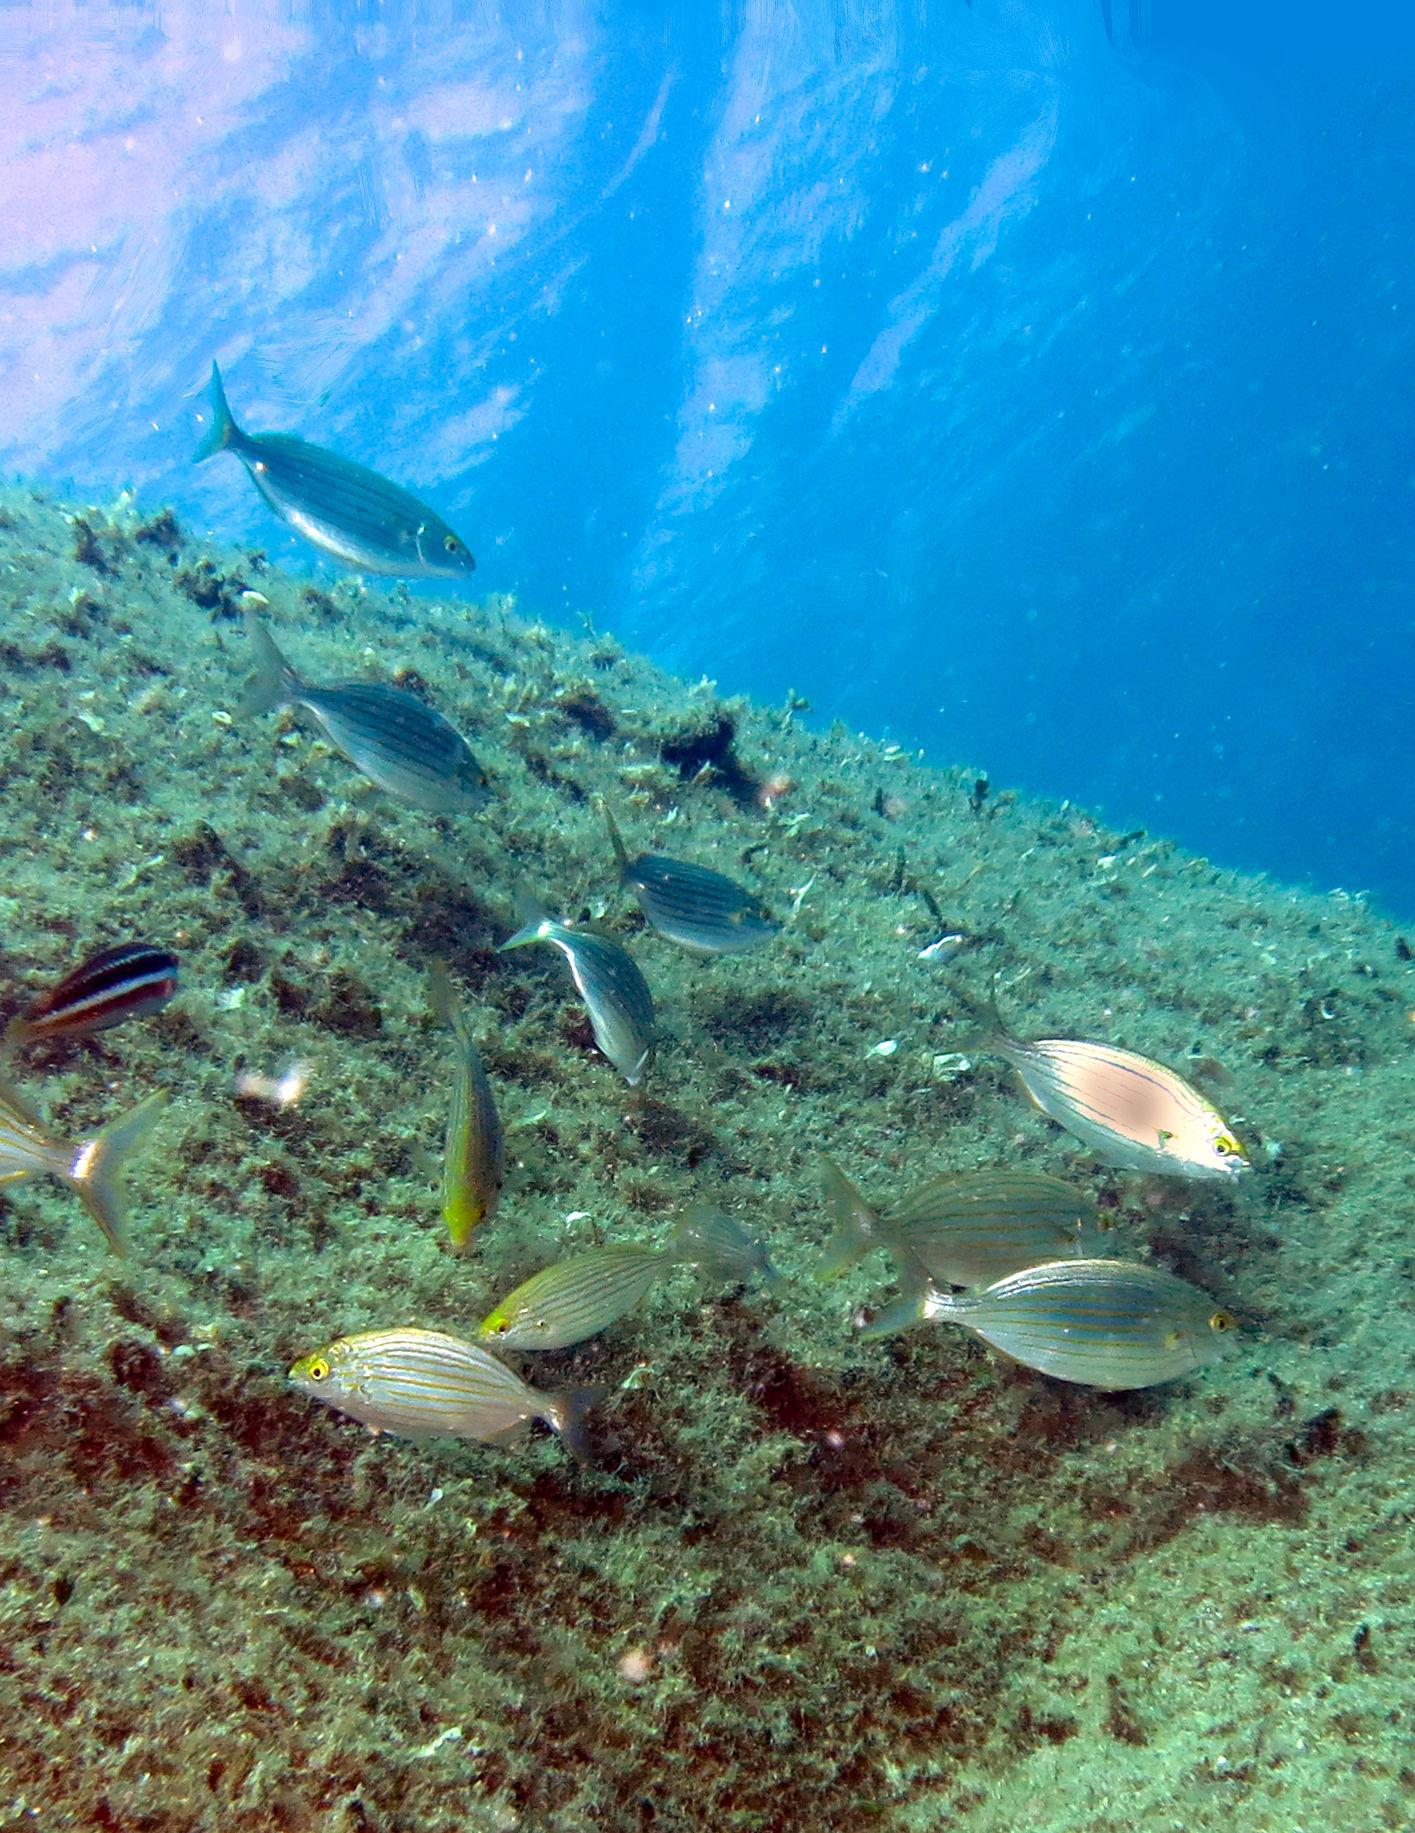 La tutela del nostro mare è fallimentare … articolo pubblicato da WWF IT